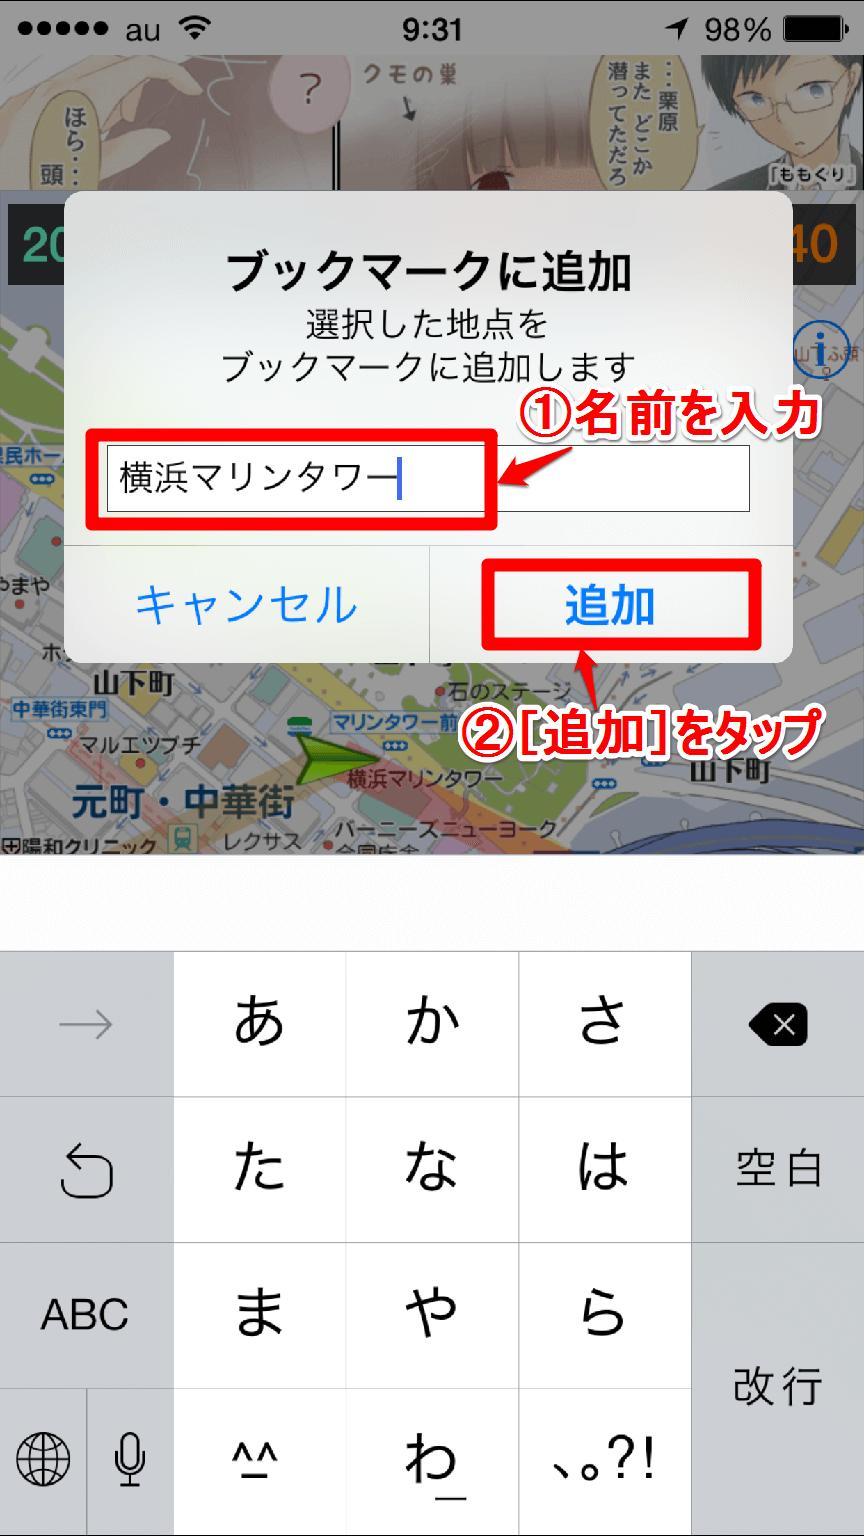 [ブックマークに追加]画面